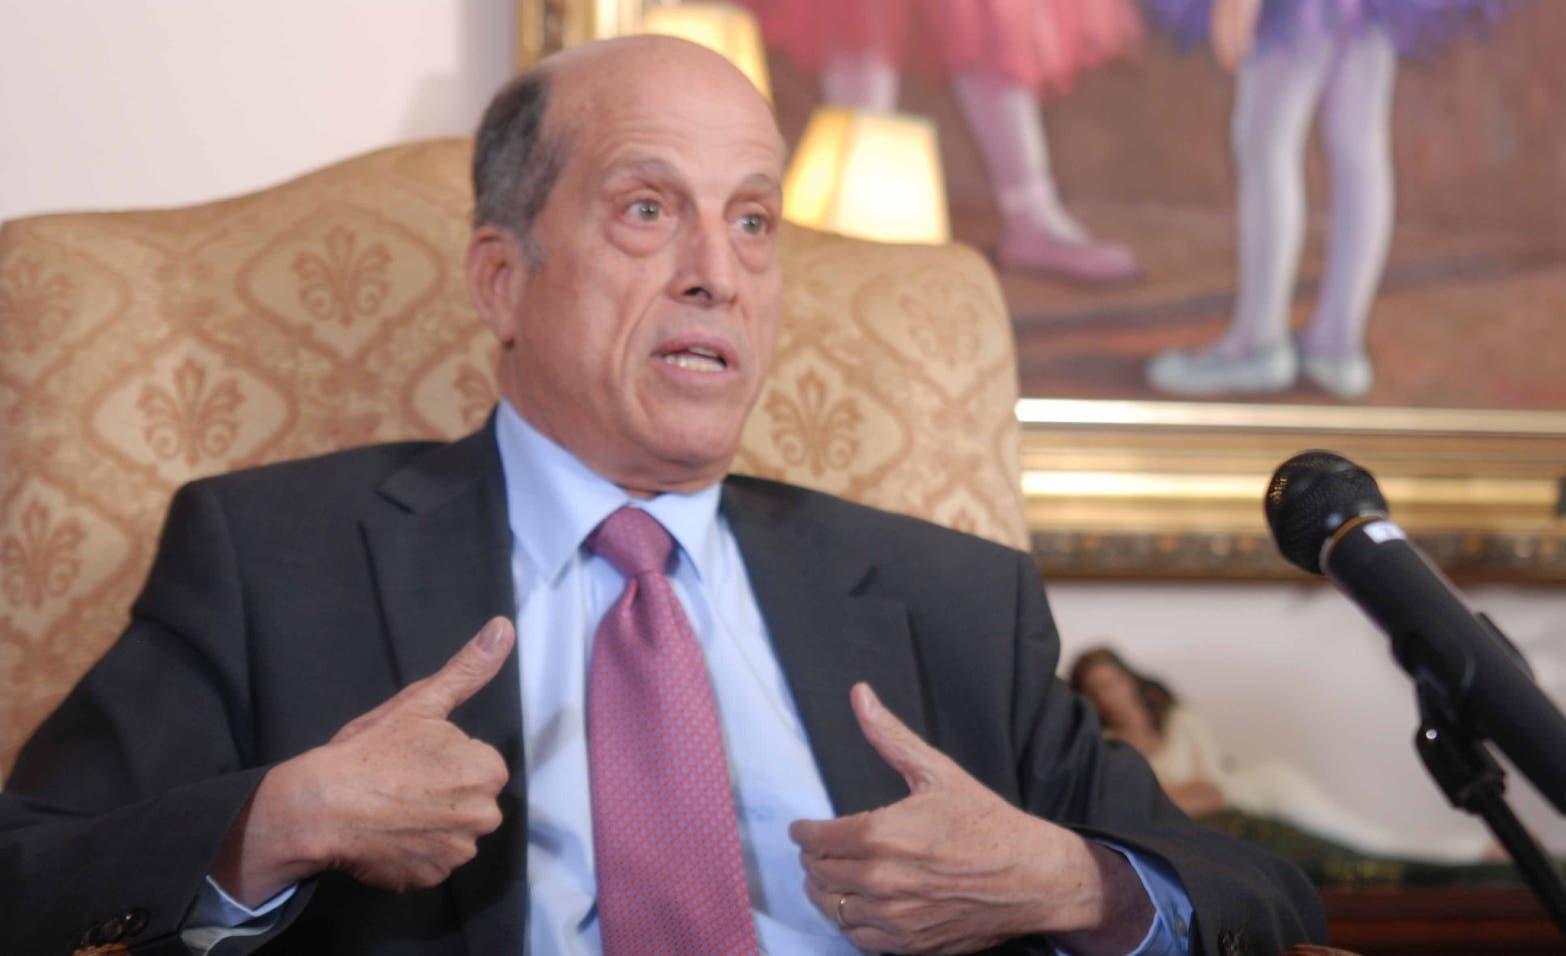 Max Puig asegura gobierno por más que intenta no puede ocultar actos de corrupción